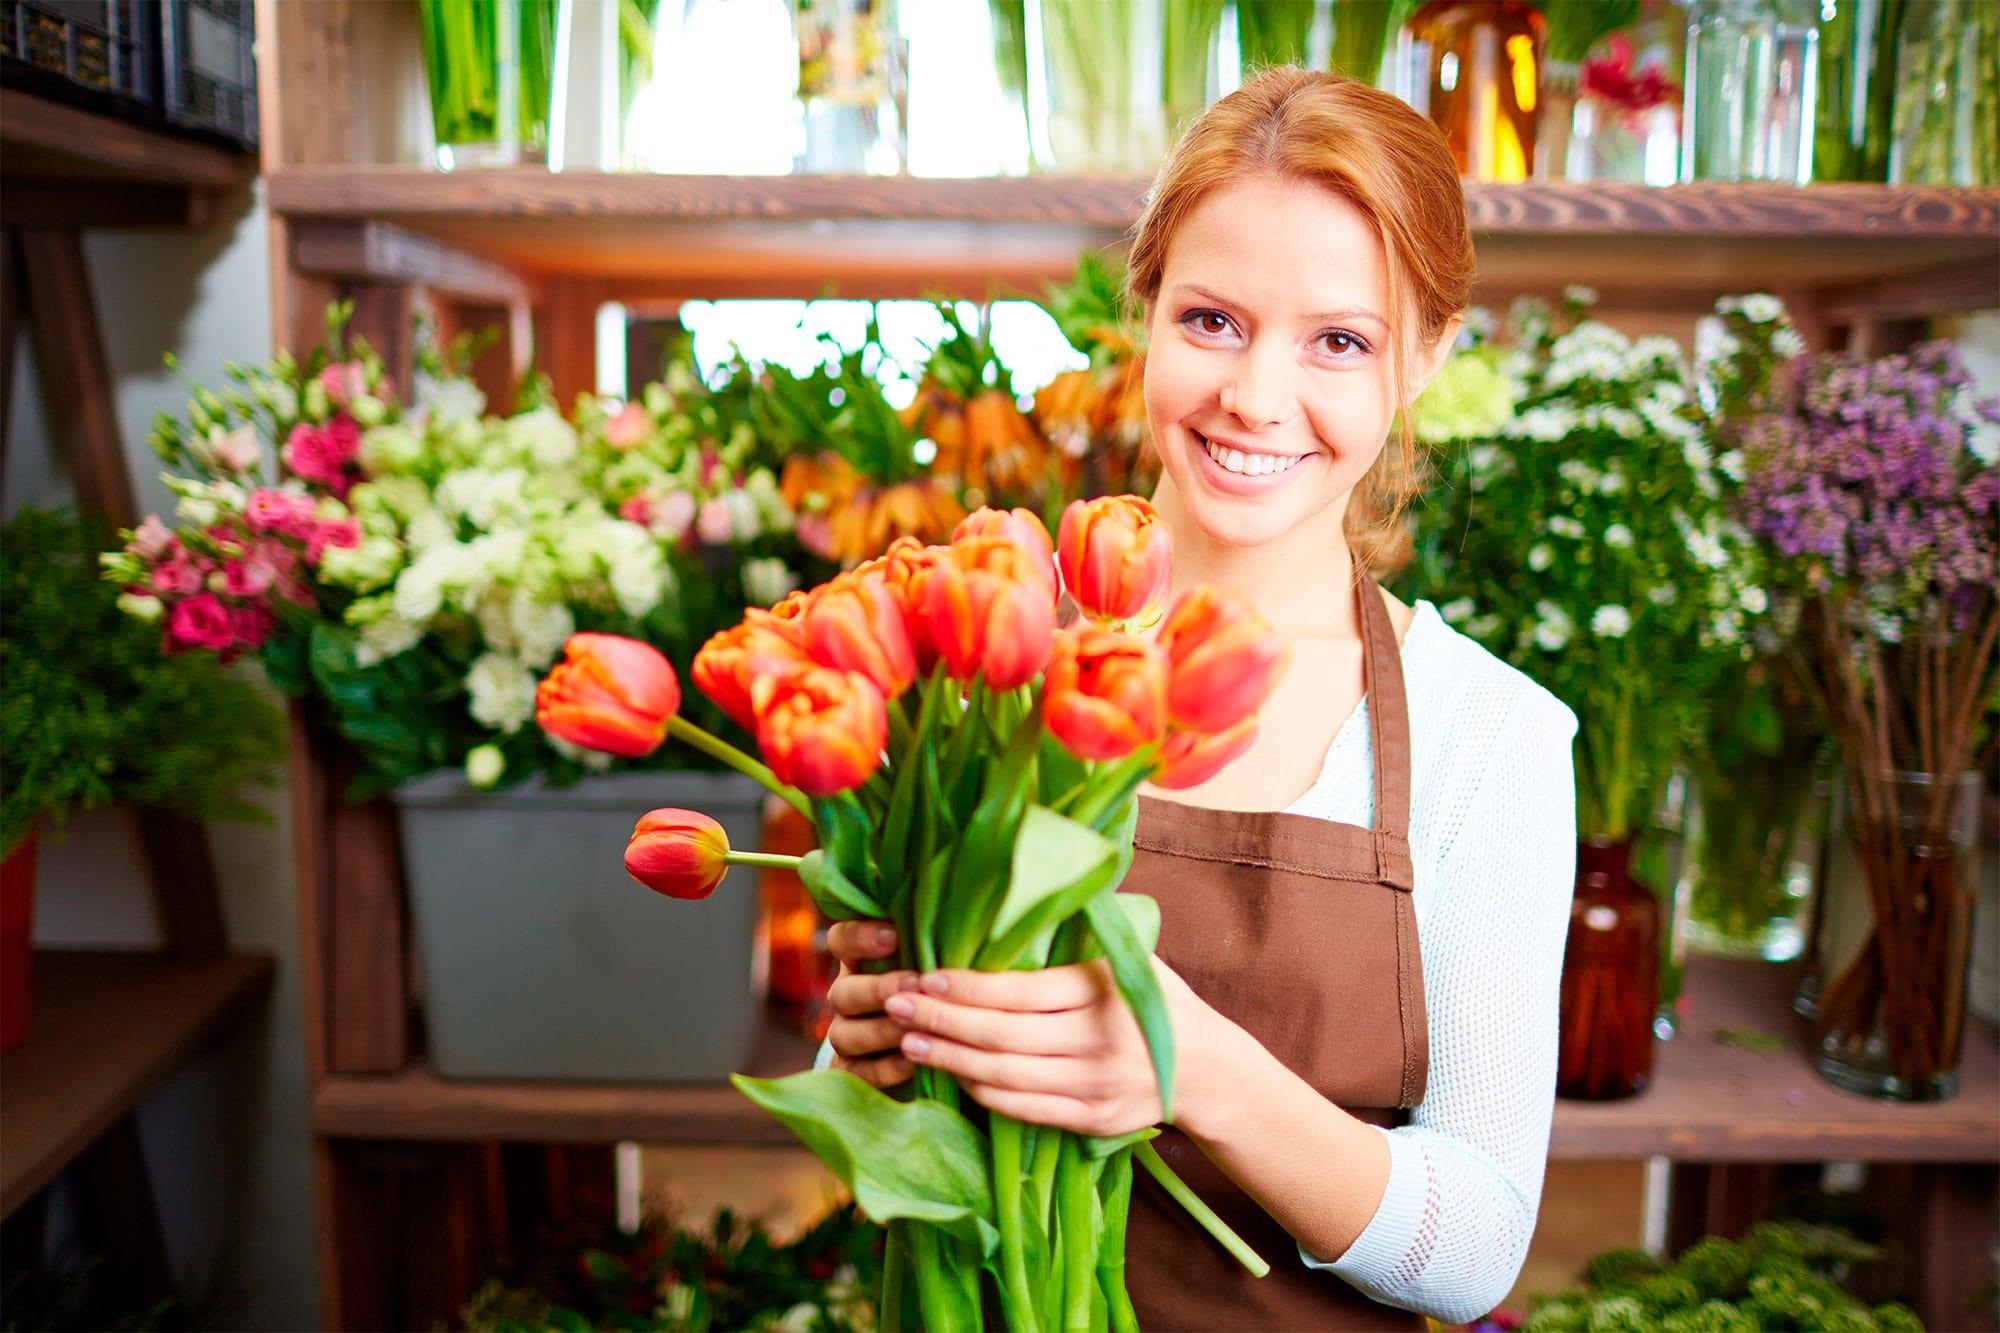 ETRON onRetail im Blumenhandel - Blumenhändlerin mit Strauß Rosen